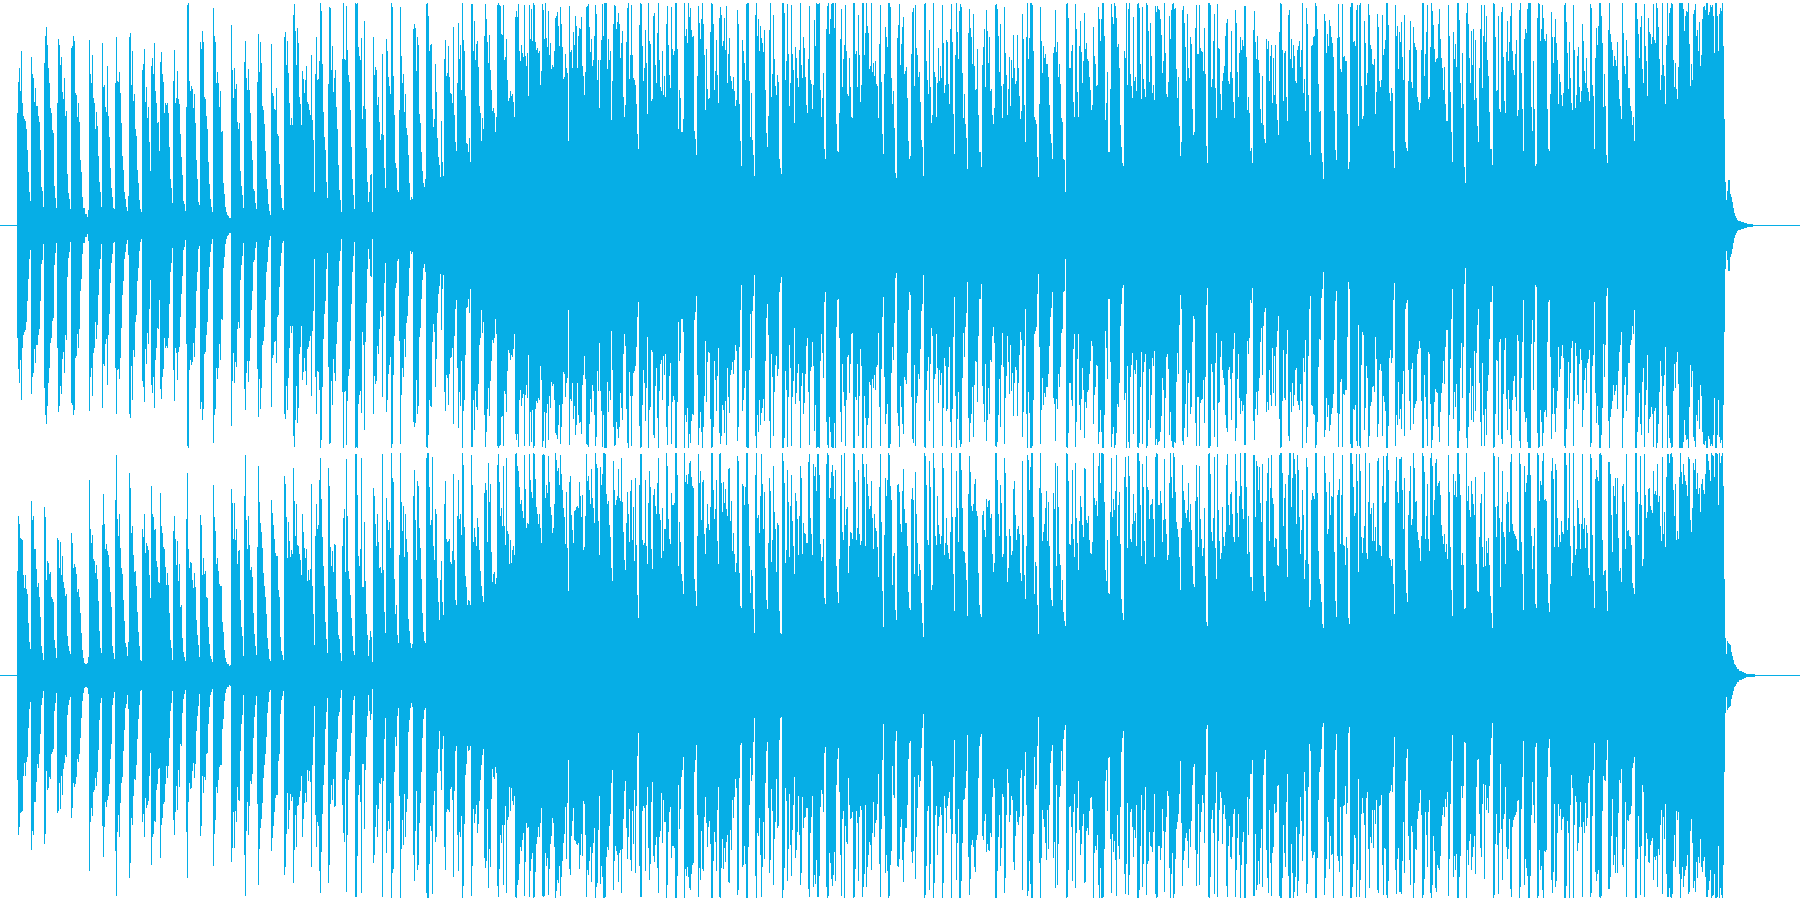 お洒落でカッコいいオープニングSEの再生済みの波形